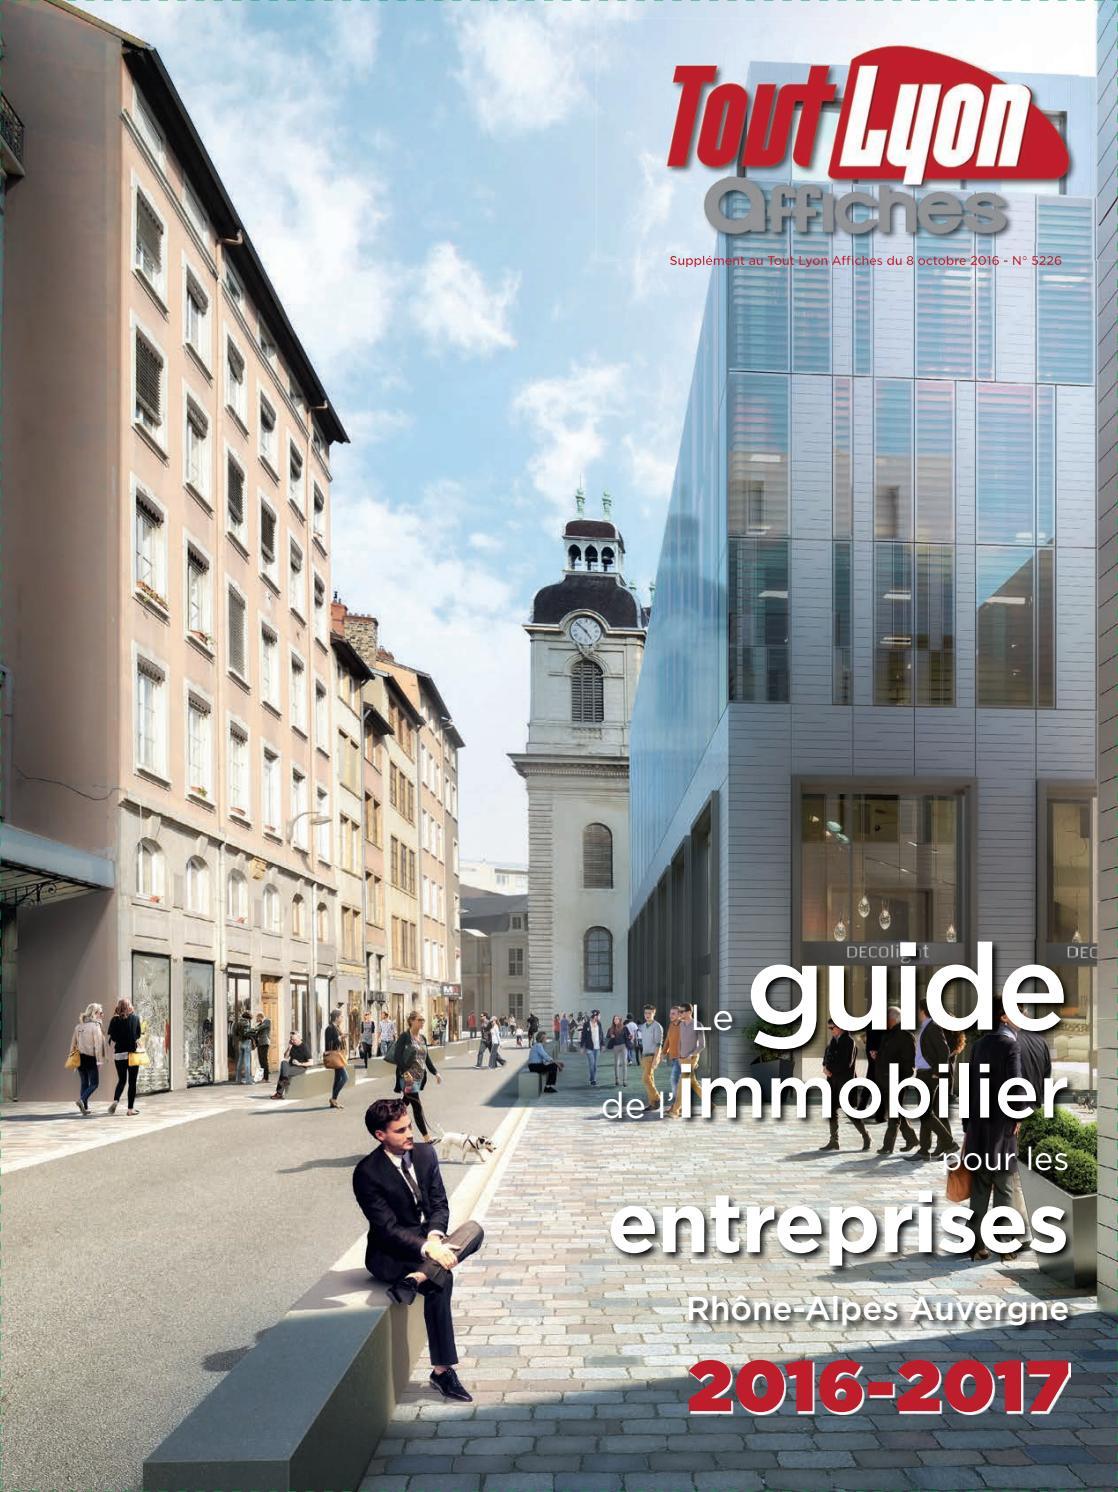 GUIDE DE L IMMOBILIER POUR LES ENTREPRISES 2016-2017 by Tout Lyon Affiches  - issuu f96b20d1210